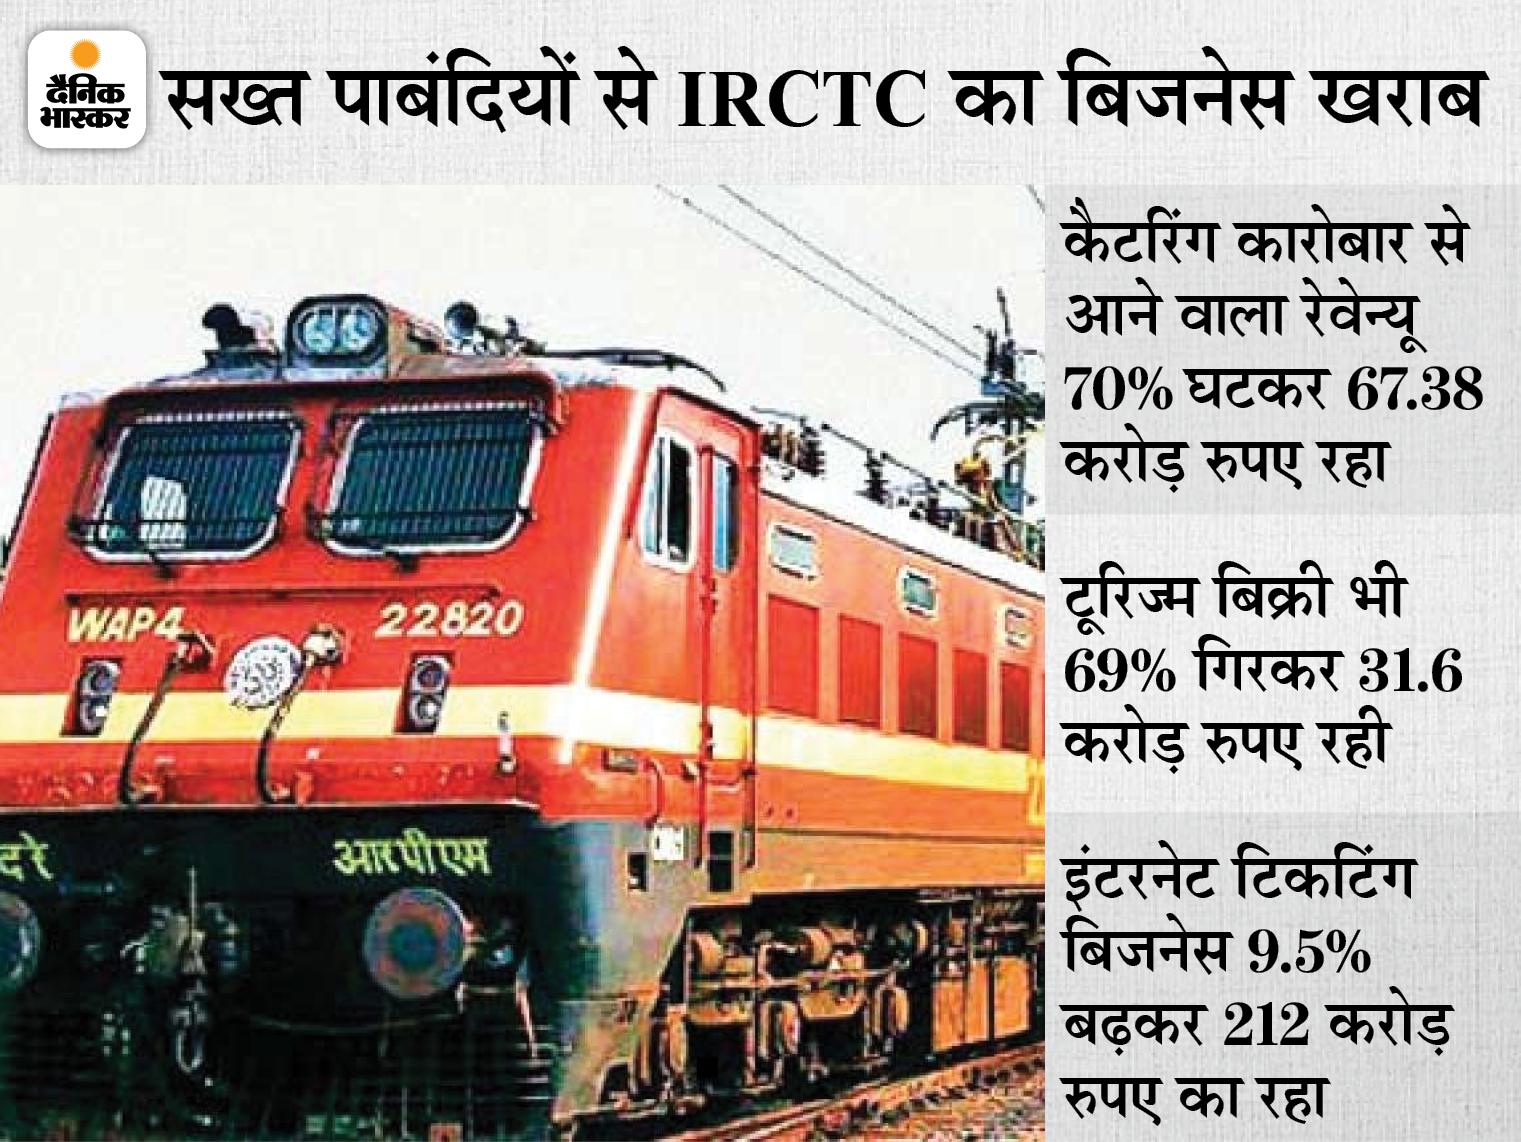 IRCTC का प्रॉफिट चौथी तिमाही में 23% घटकर 104 करोड़ रुपए रहा, शेयरहोल्डर्स के लिए 5 रुपए प्रति शेयर अंतरिम डिविडेंड का ऐलान बिजनेस,Business - Dainik Bhaskar